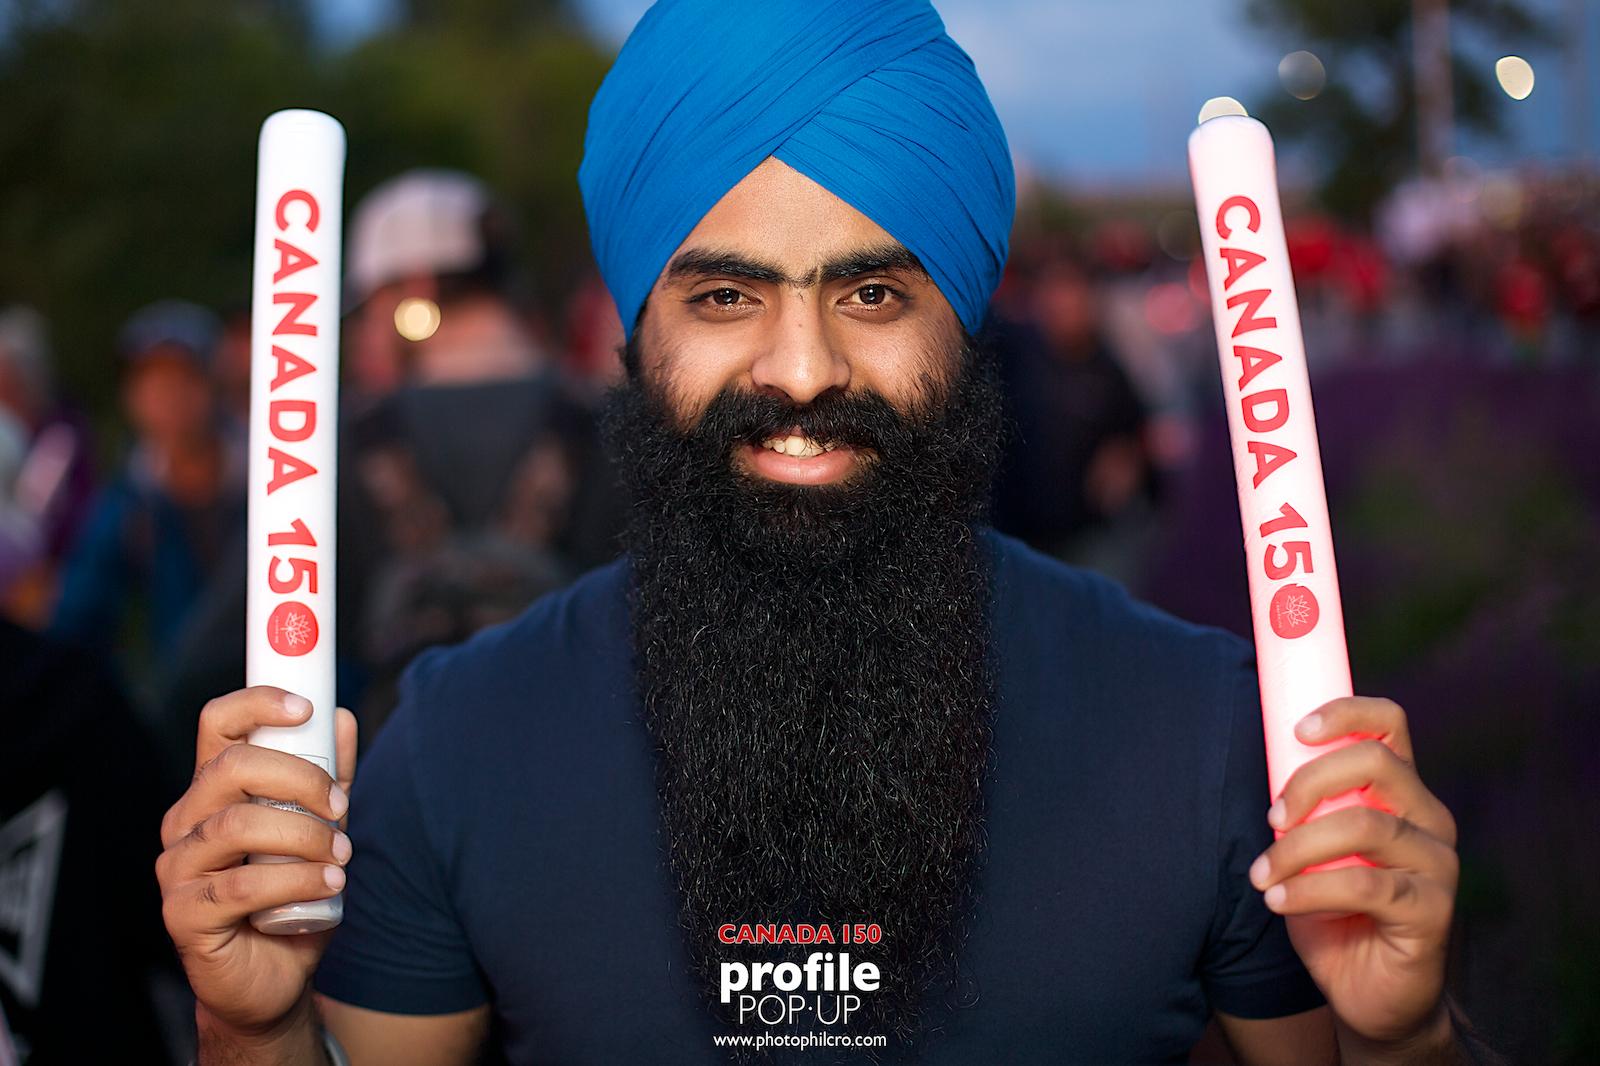 ProfilePopup_Canada150_Facebook 187.jpg